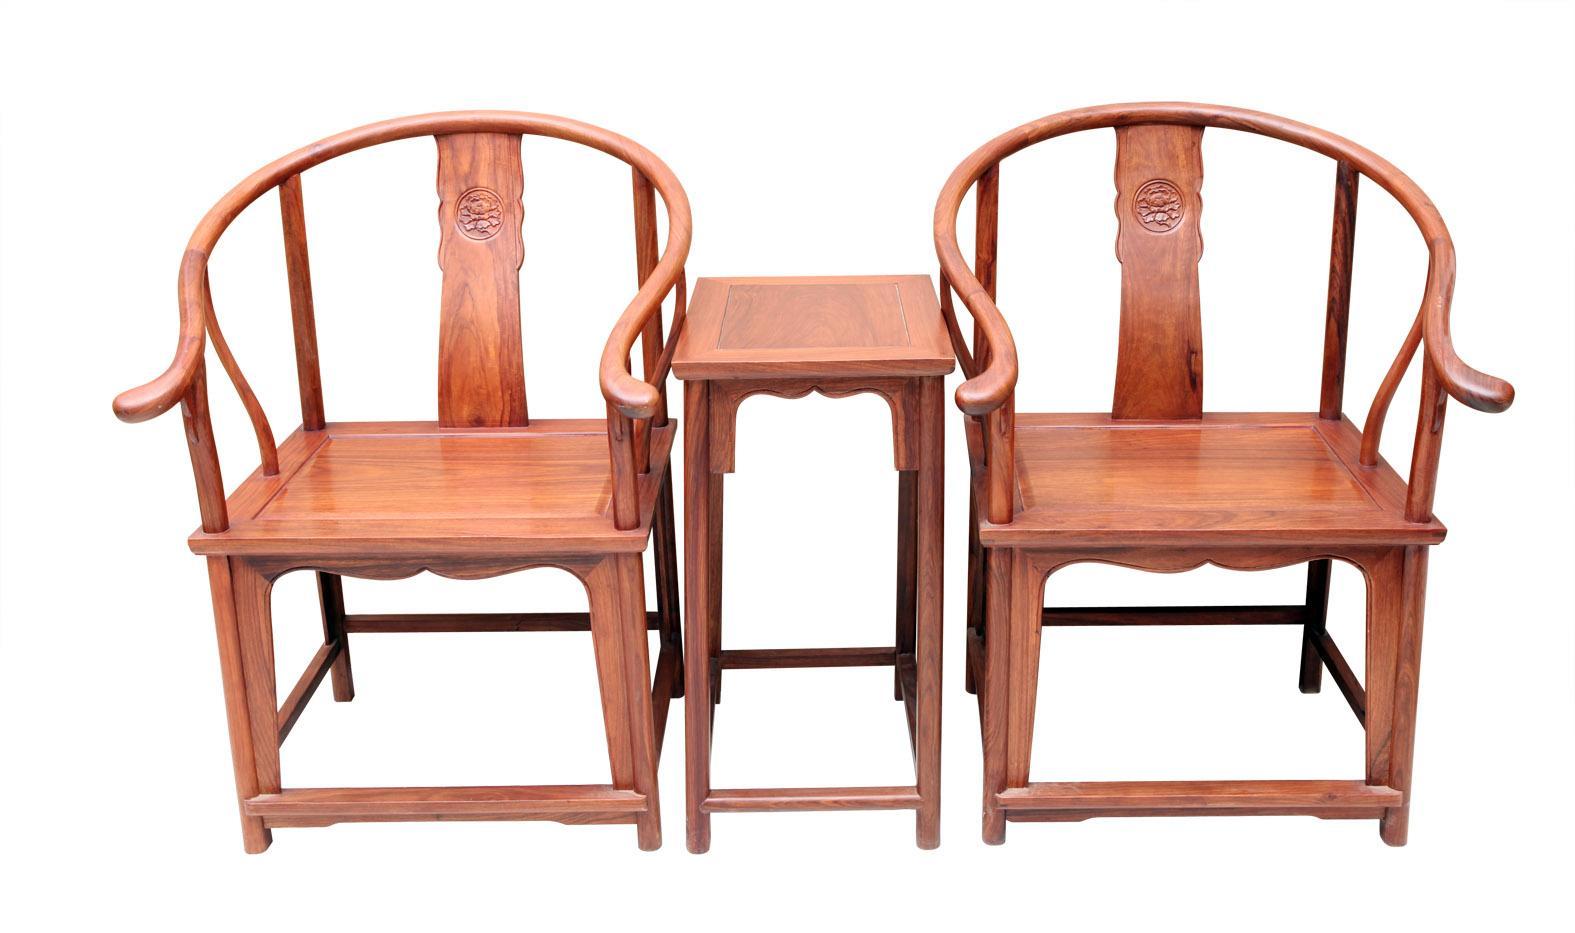 """圈椅的靠背板做成了""""S""""型   另外,圈椅与周围的环境极易协调统一,用一句时髦的话讲就是她乃""""百搭""""品。一对圈椅、一只茶几,无论置于田园风格抑或是安于欧式风情,都不会让人有突兀之感,反倒会提升周围环境的氛围与格调。这体现了兼容与包容的儒家思想。孔子说君子处事要外圆内方。""""外圆""""是不与外面的环境起冲突,不格格不入。""""内方""""是要有自己的操守与原则,不随波逐流。光武帝刘秀曾经被人们说成是""""遇小敌怯,"""